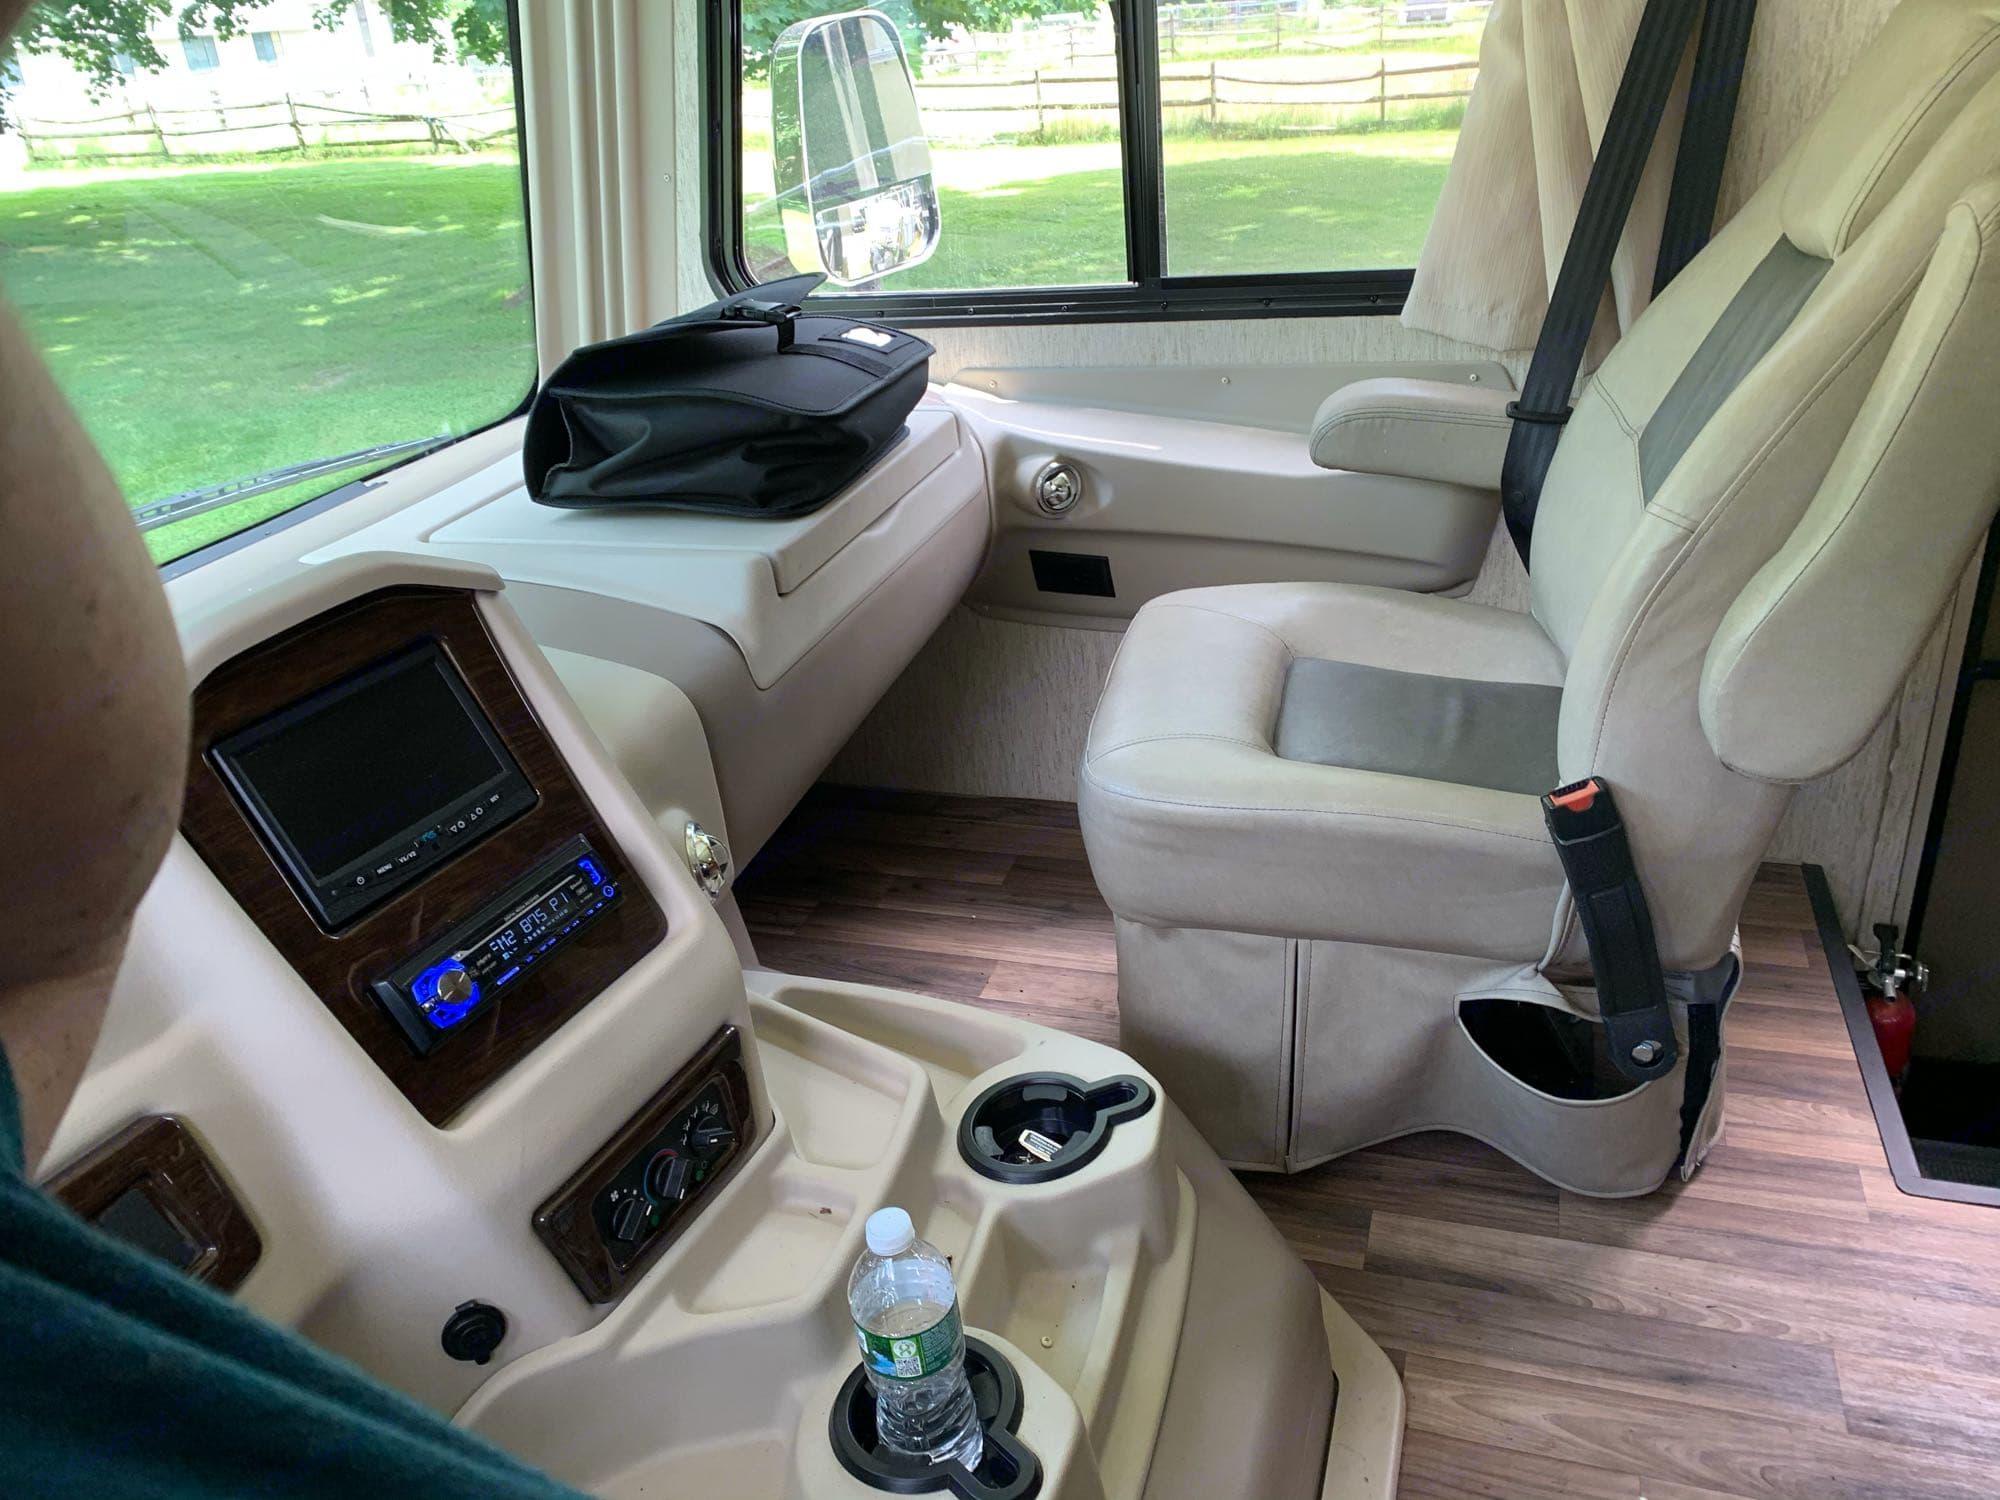 Coachmen Mirada A-Class bunk house 2018